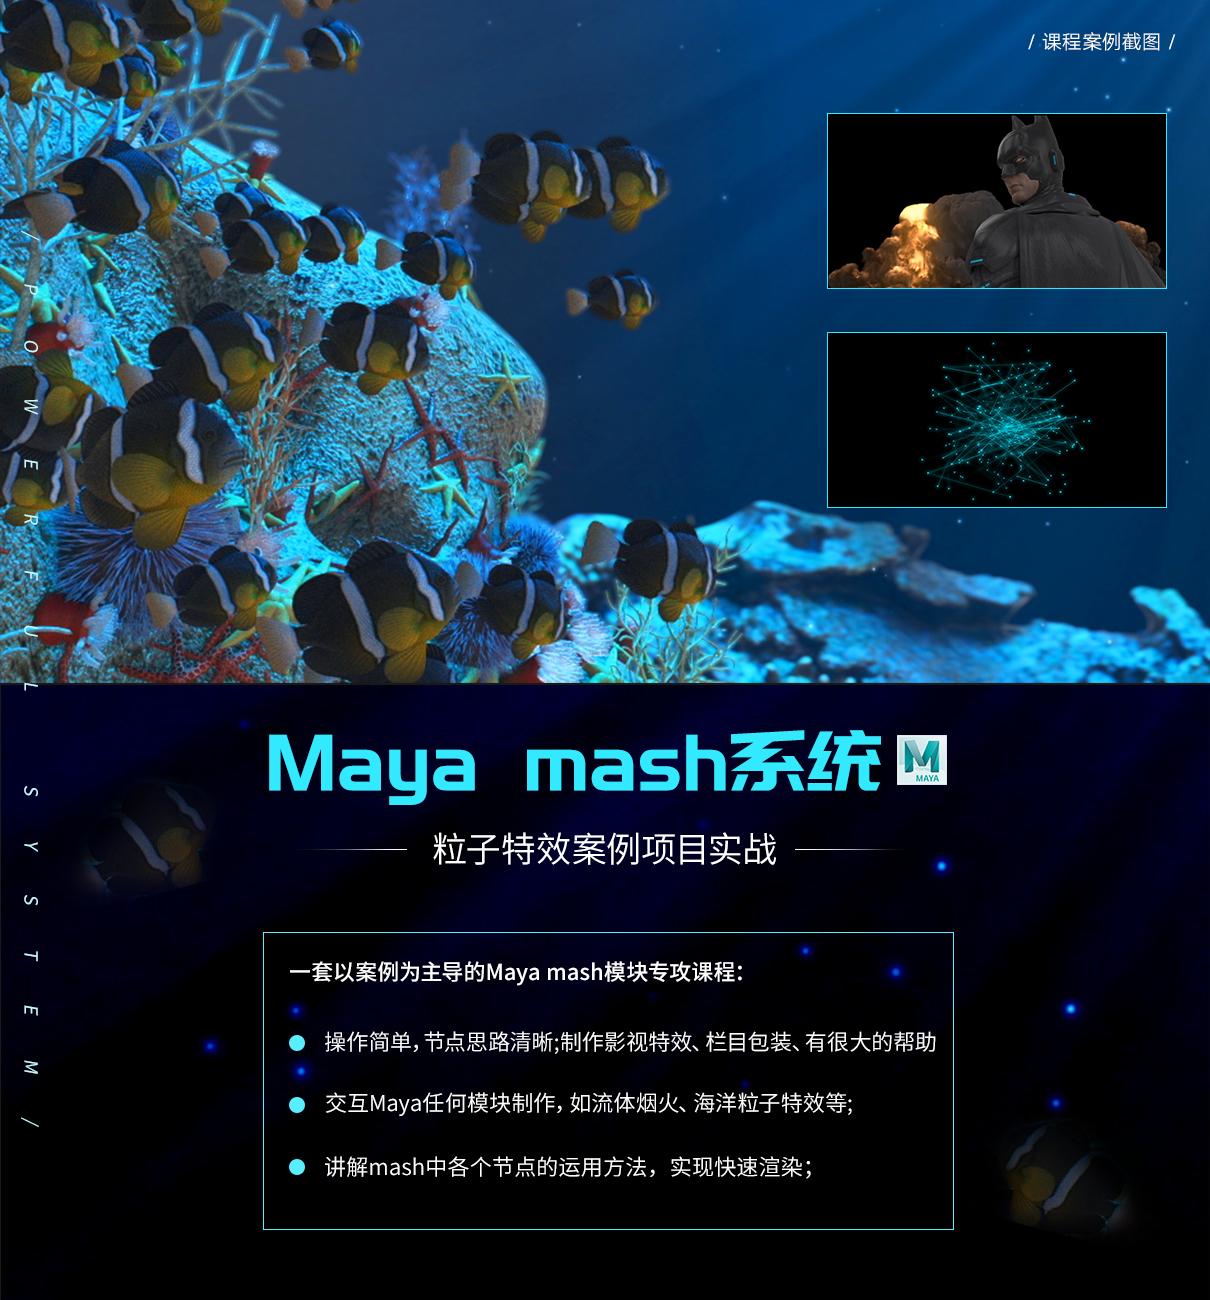 Maya-Mash宝典—海报图.jpg